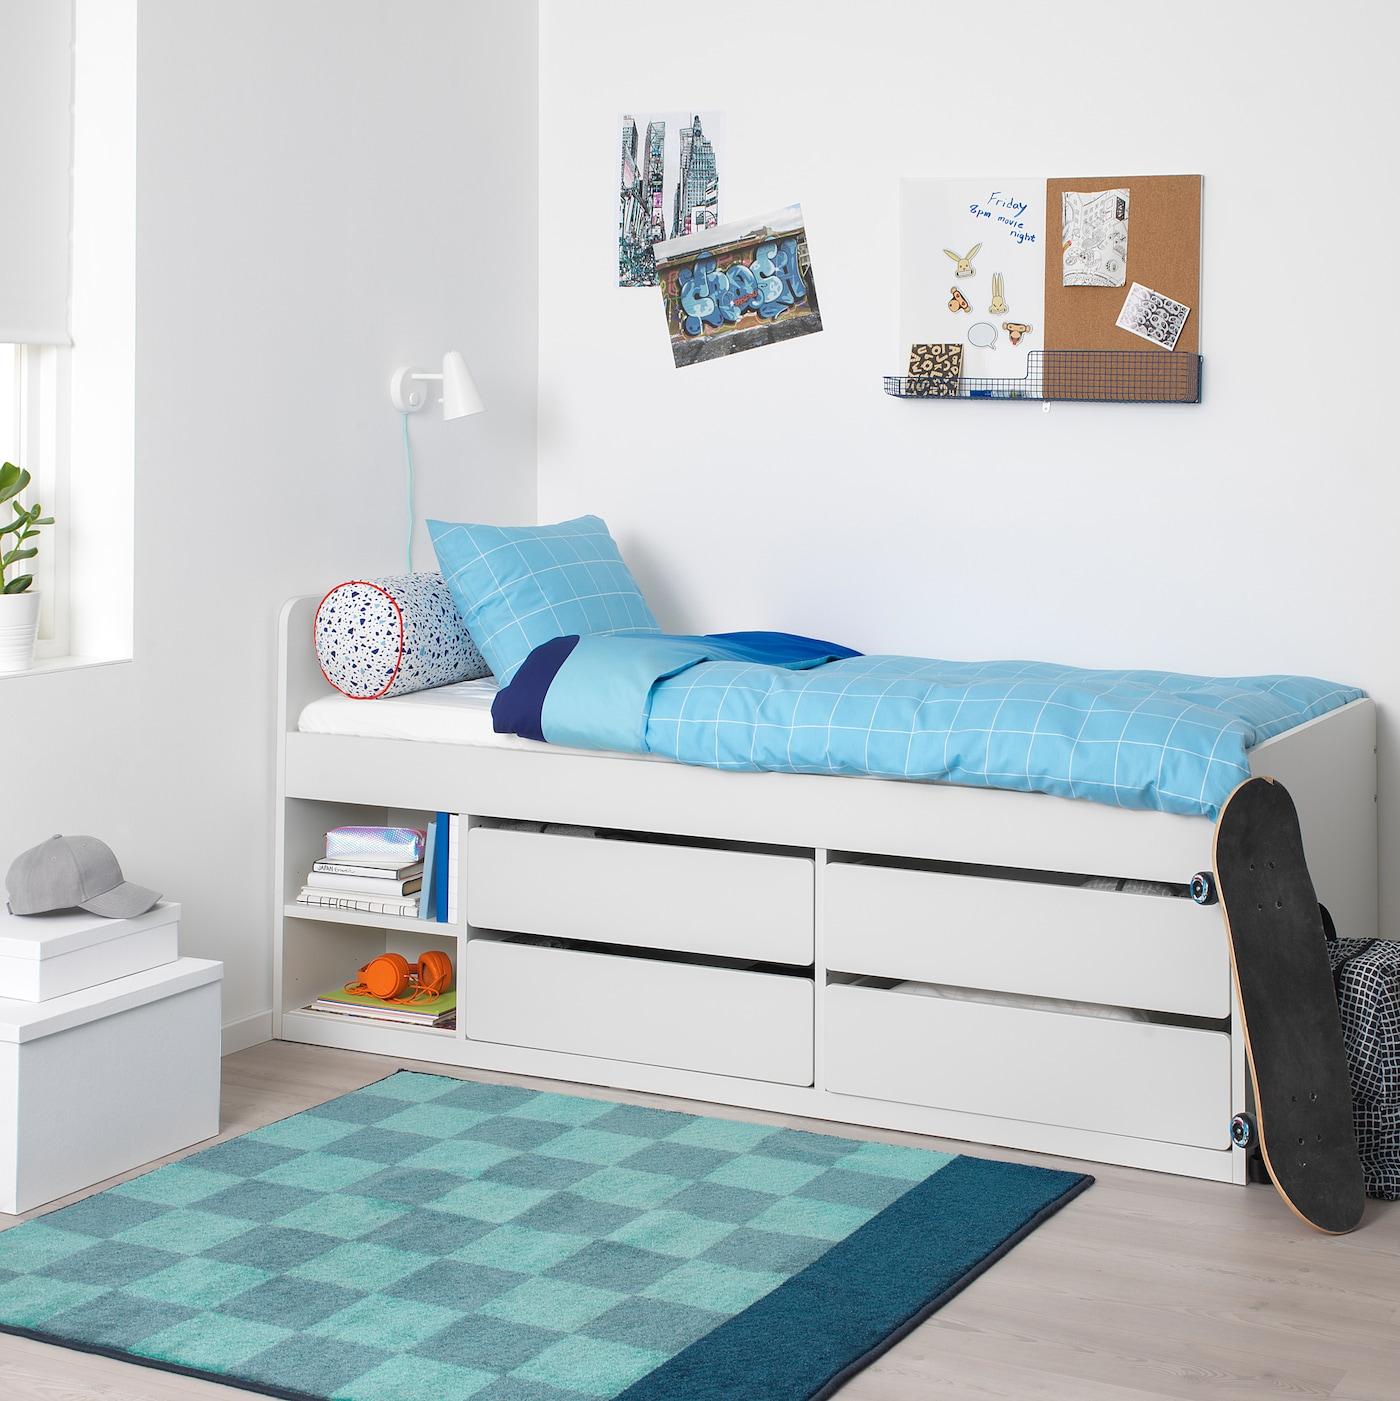 SLÄKT Rám postele+úl.prost.+rošt, bílá, 90x200 cm